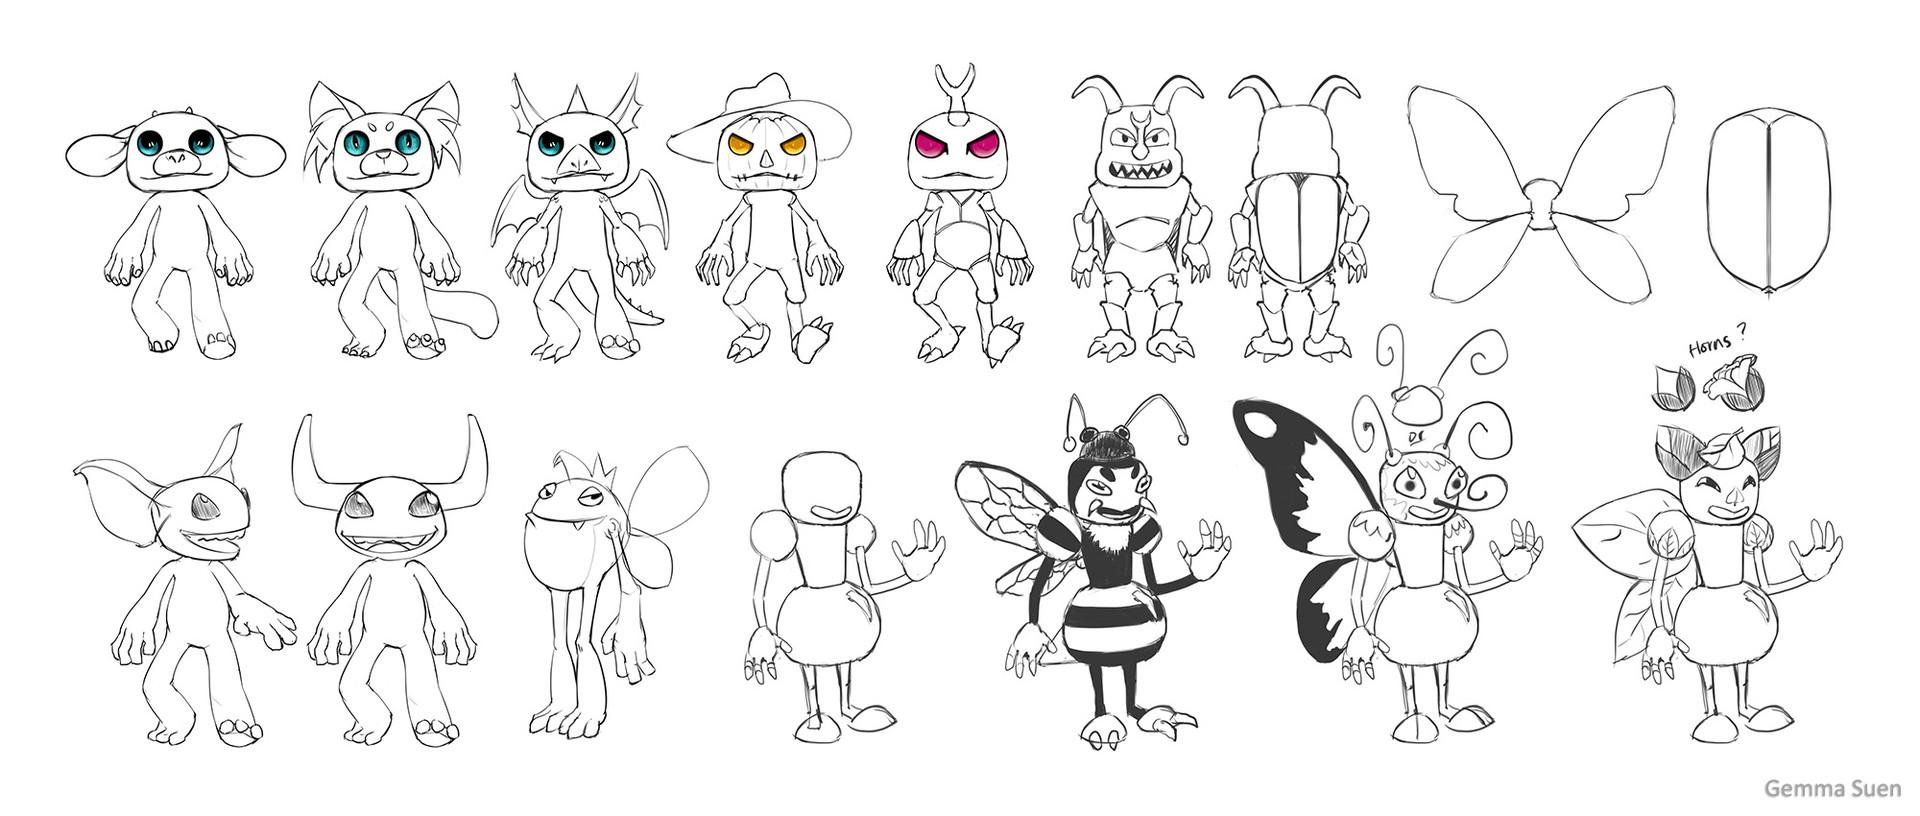 Gemma suen pooka designs sketch